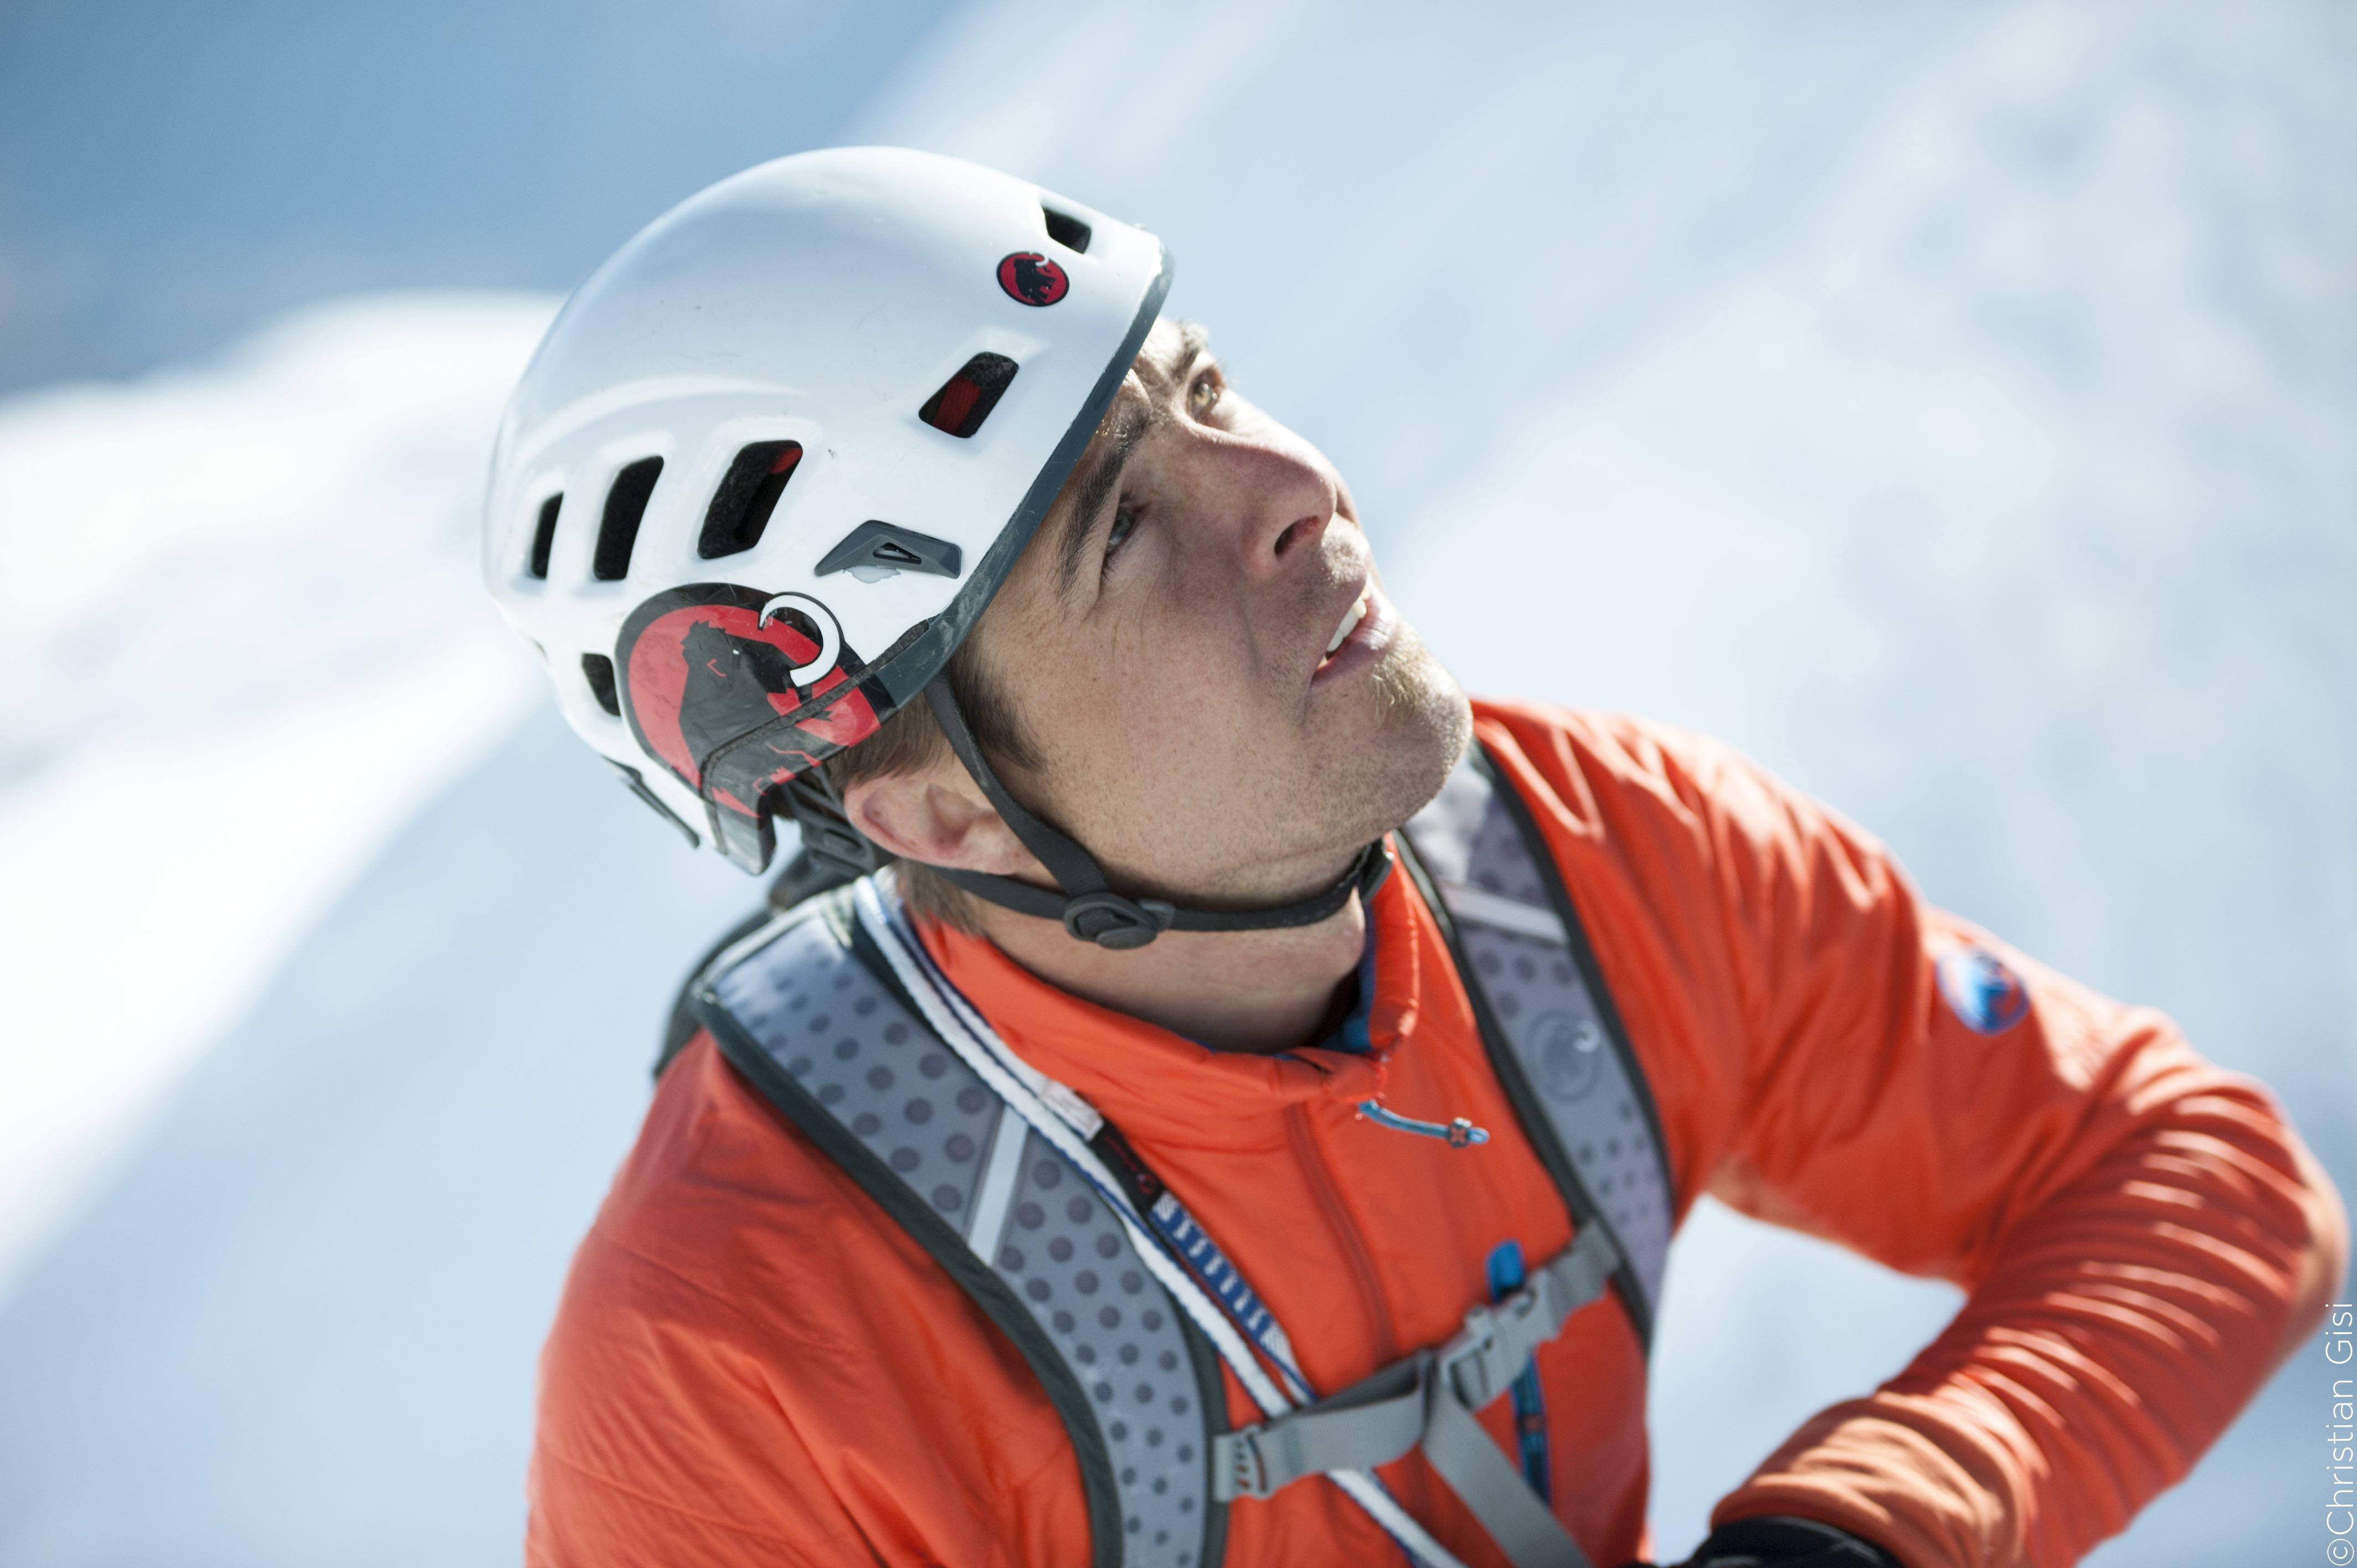 Am 22. April 2015 durchsteigt Dani Arnold die Matterhorn Nordwand (Schmid Route) in der neuen Rekordzeit von 1 Stunde und 46 Minuten und ist damit 10 Minutenn schneller als der bisherige Rekordhalter Ueli Steck.